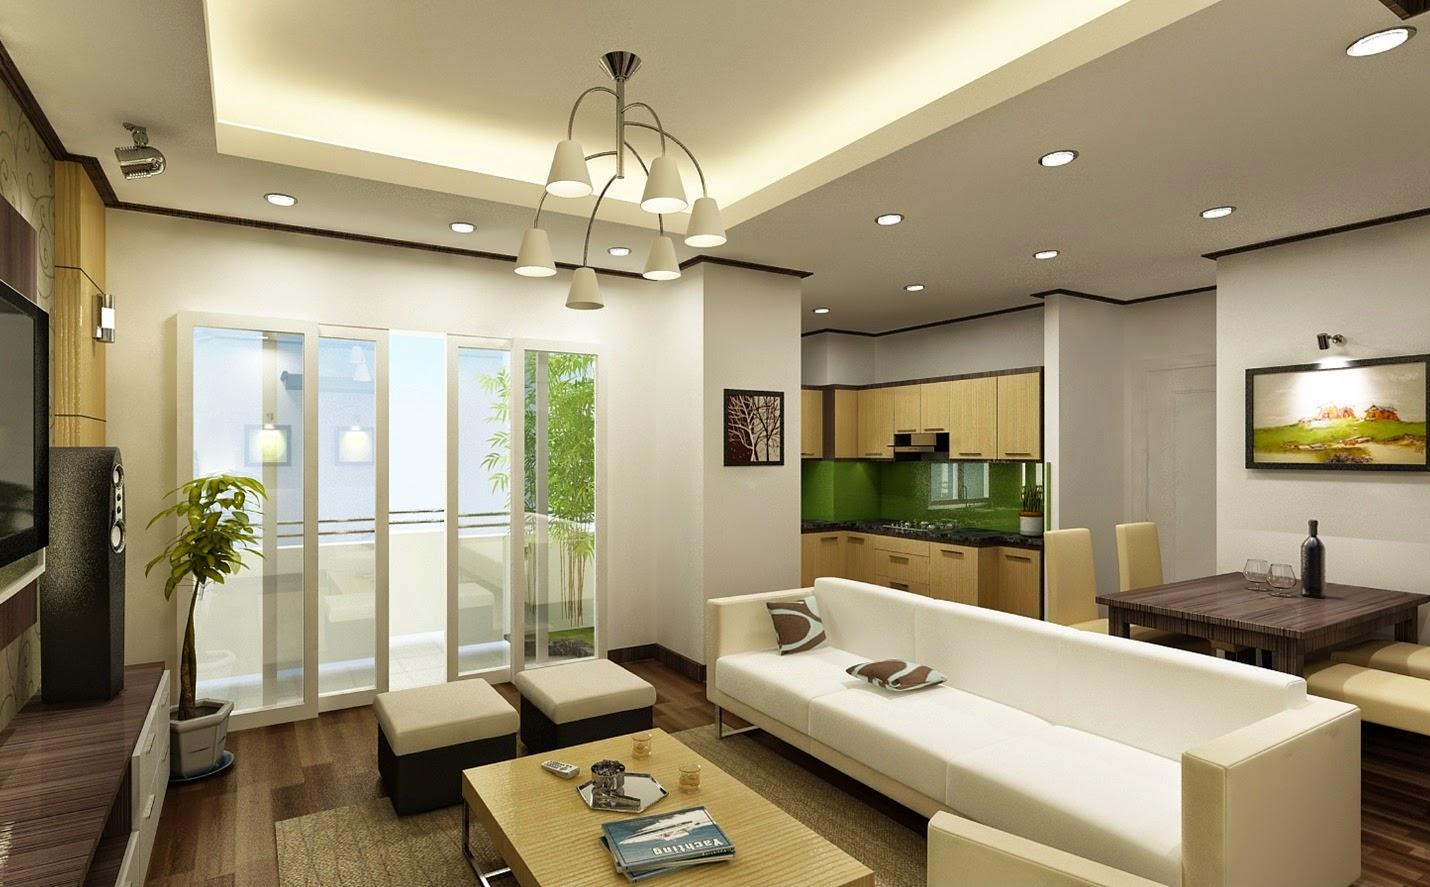 Những quy tắc vàng để khách hàng lựa chọn mua chung cư Hợp phong thủy